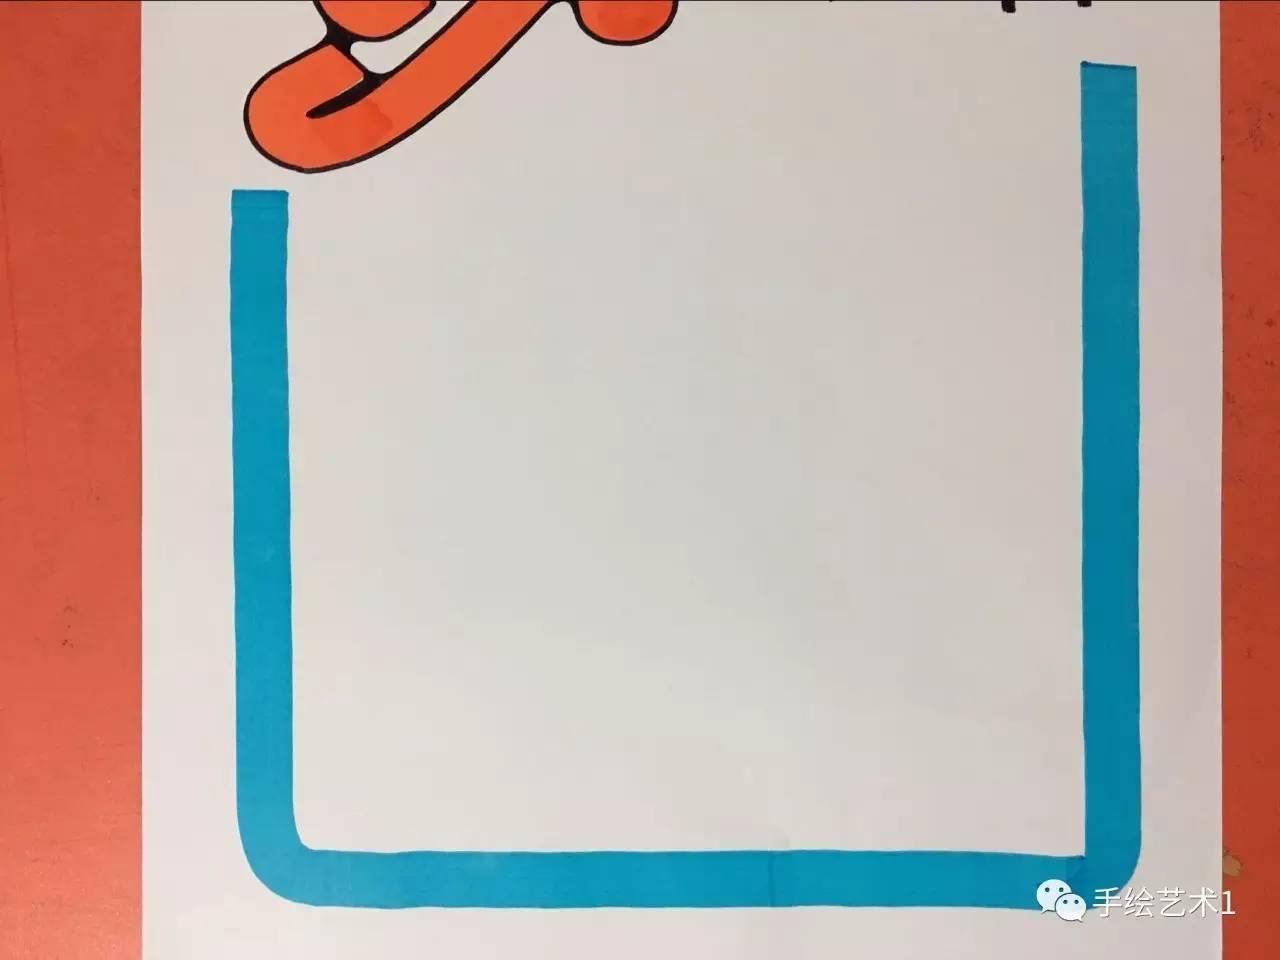 【手绘pop教程分解】复杂海报内容简单做,这就是简洁海报的重点